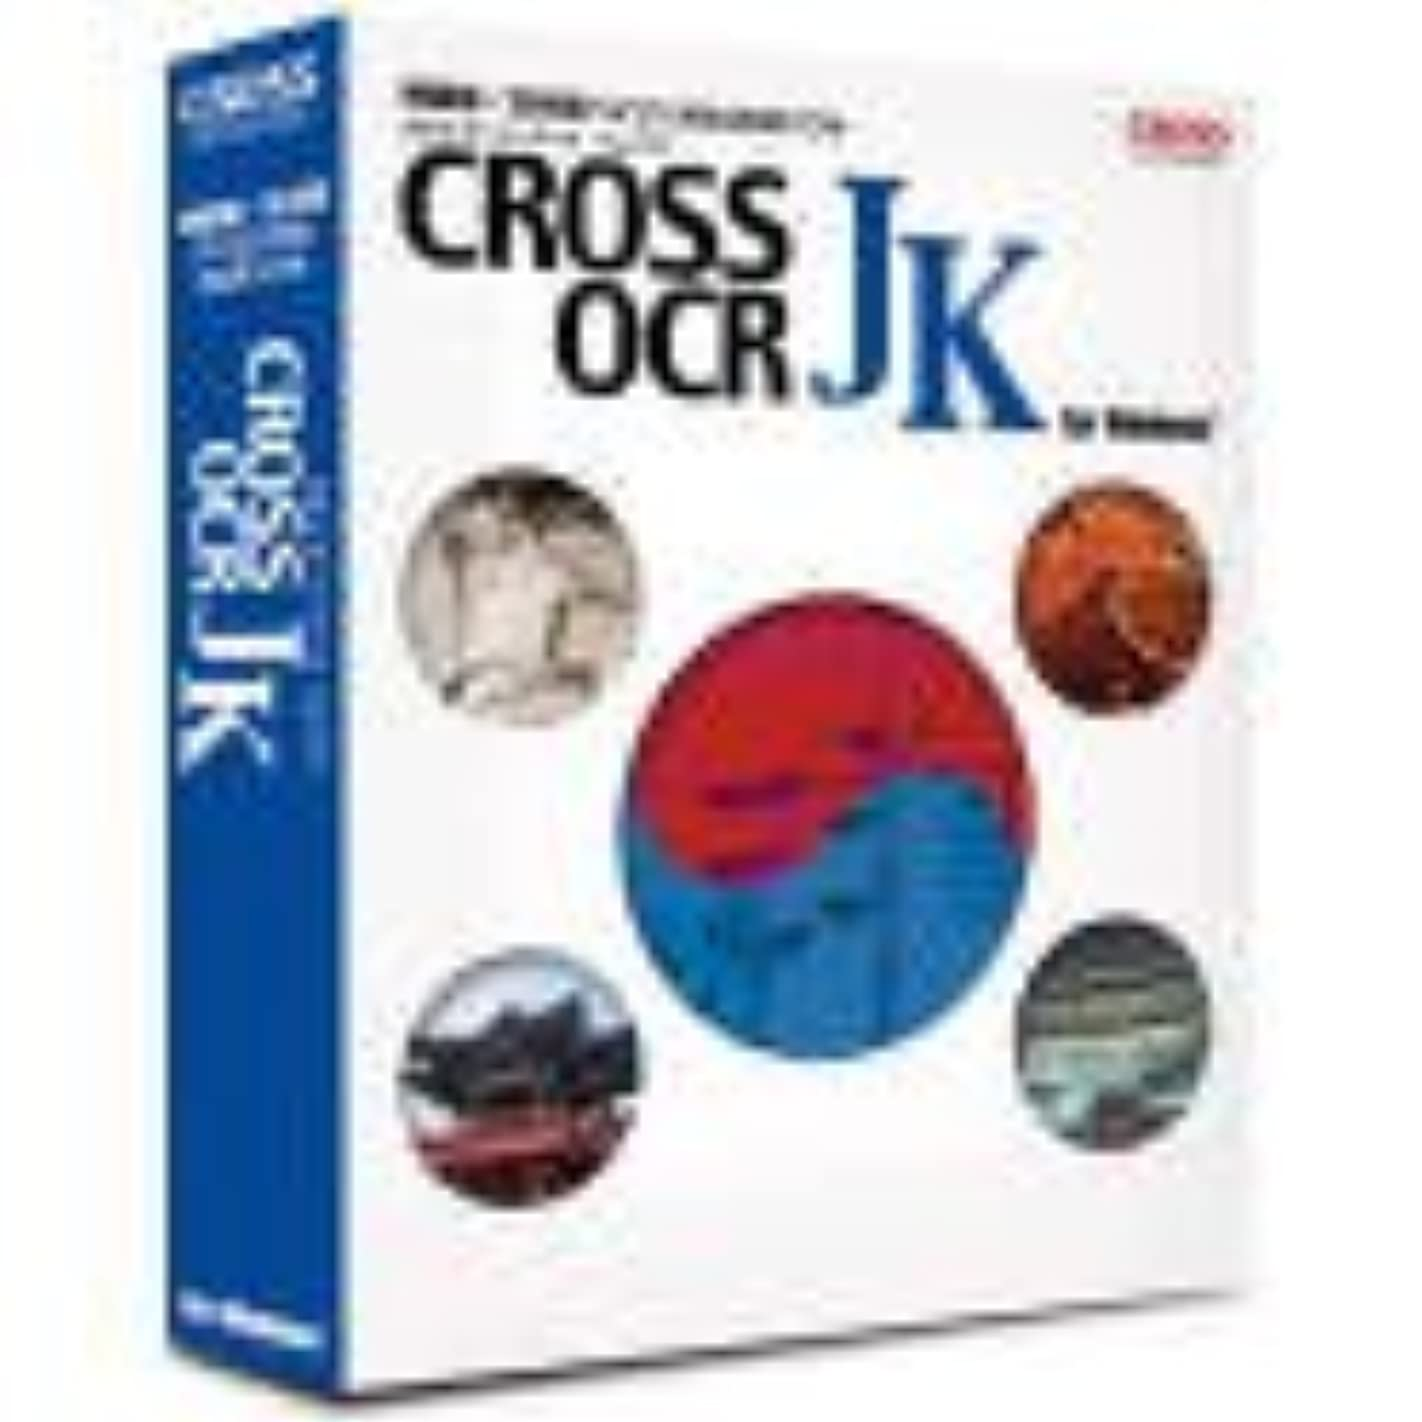 サービス情緒的ペンダントCROSS OCR JK for Windows